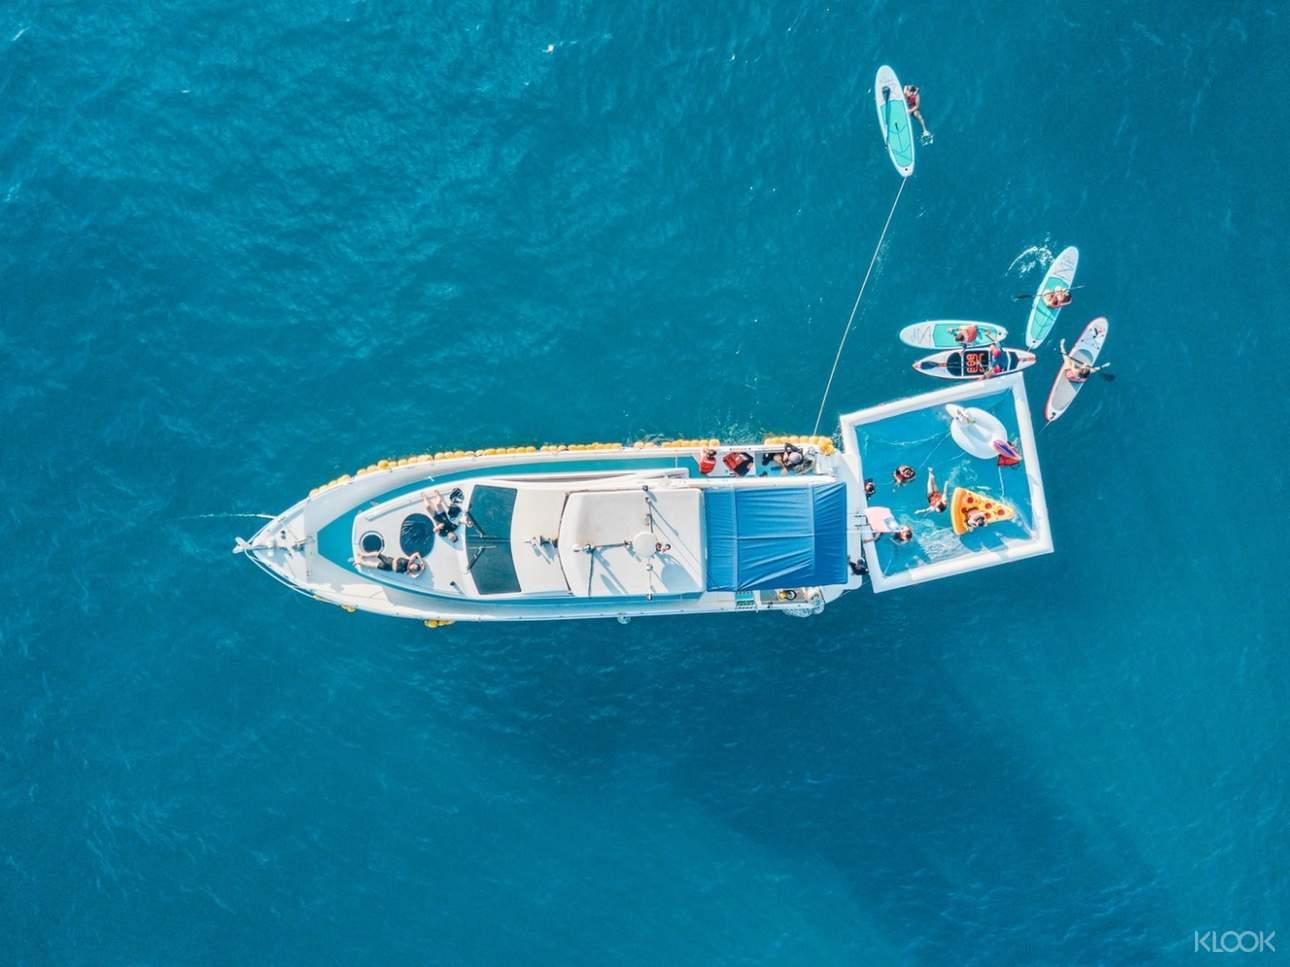 預訂遊艇體驗方案,在海上泳圈中盡情戲水